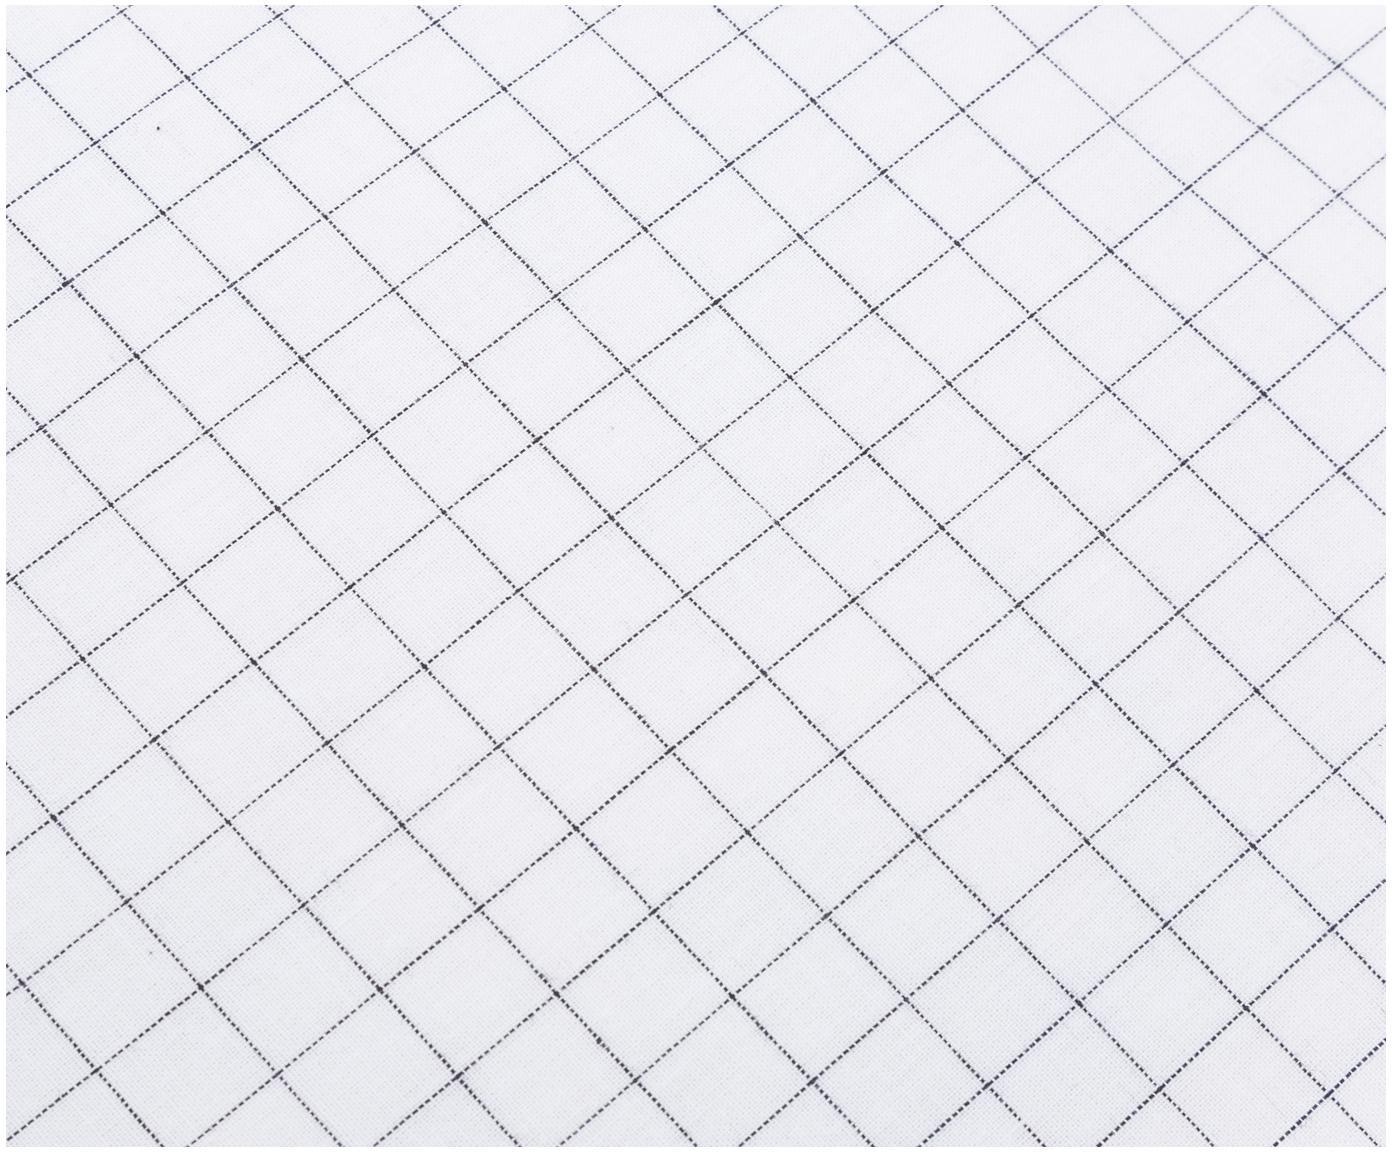 Renforcé dekbedovertrek Valerio, Weeftechniek: renforcé, Wit, grijs, 240 x 220 cm